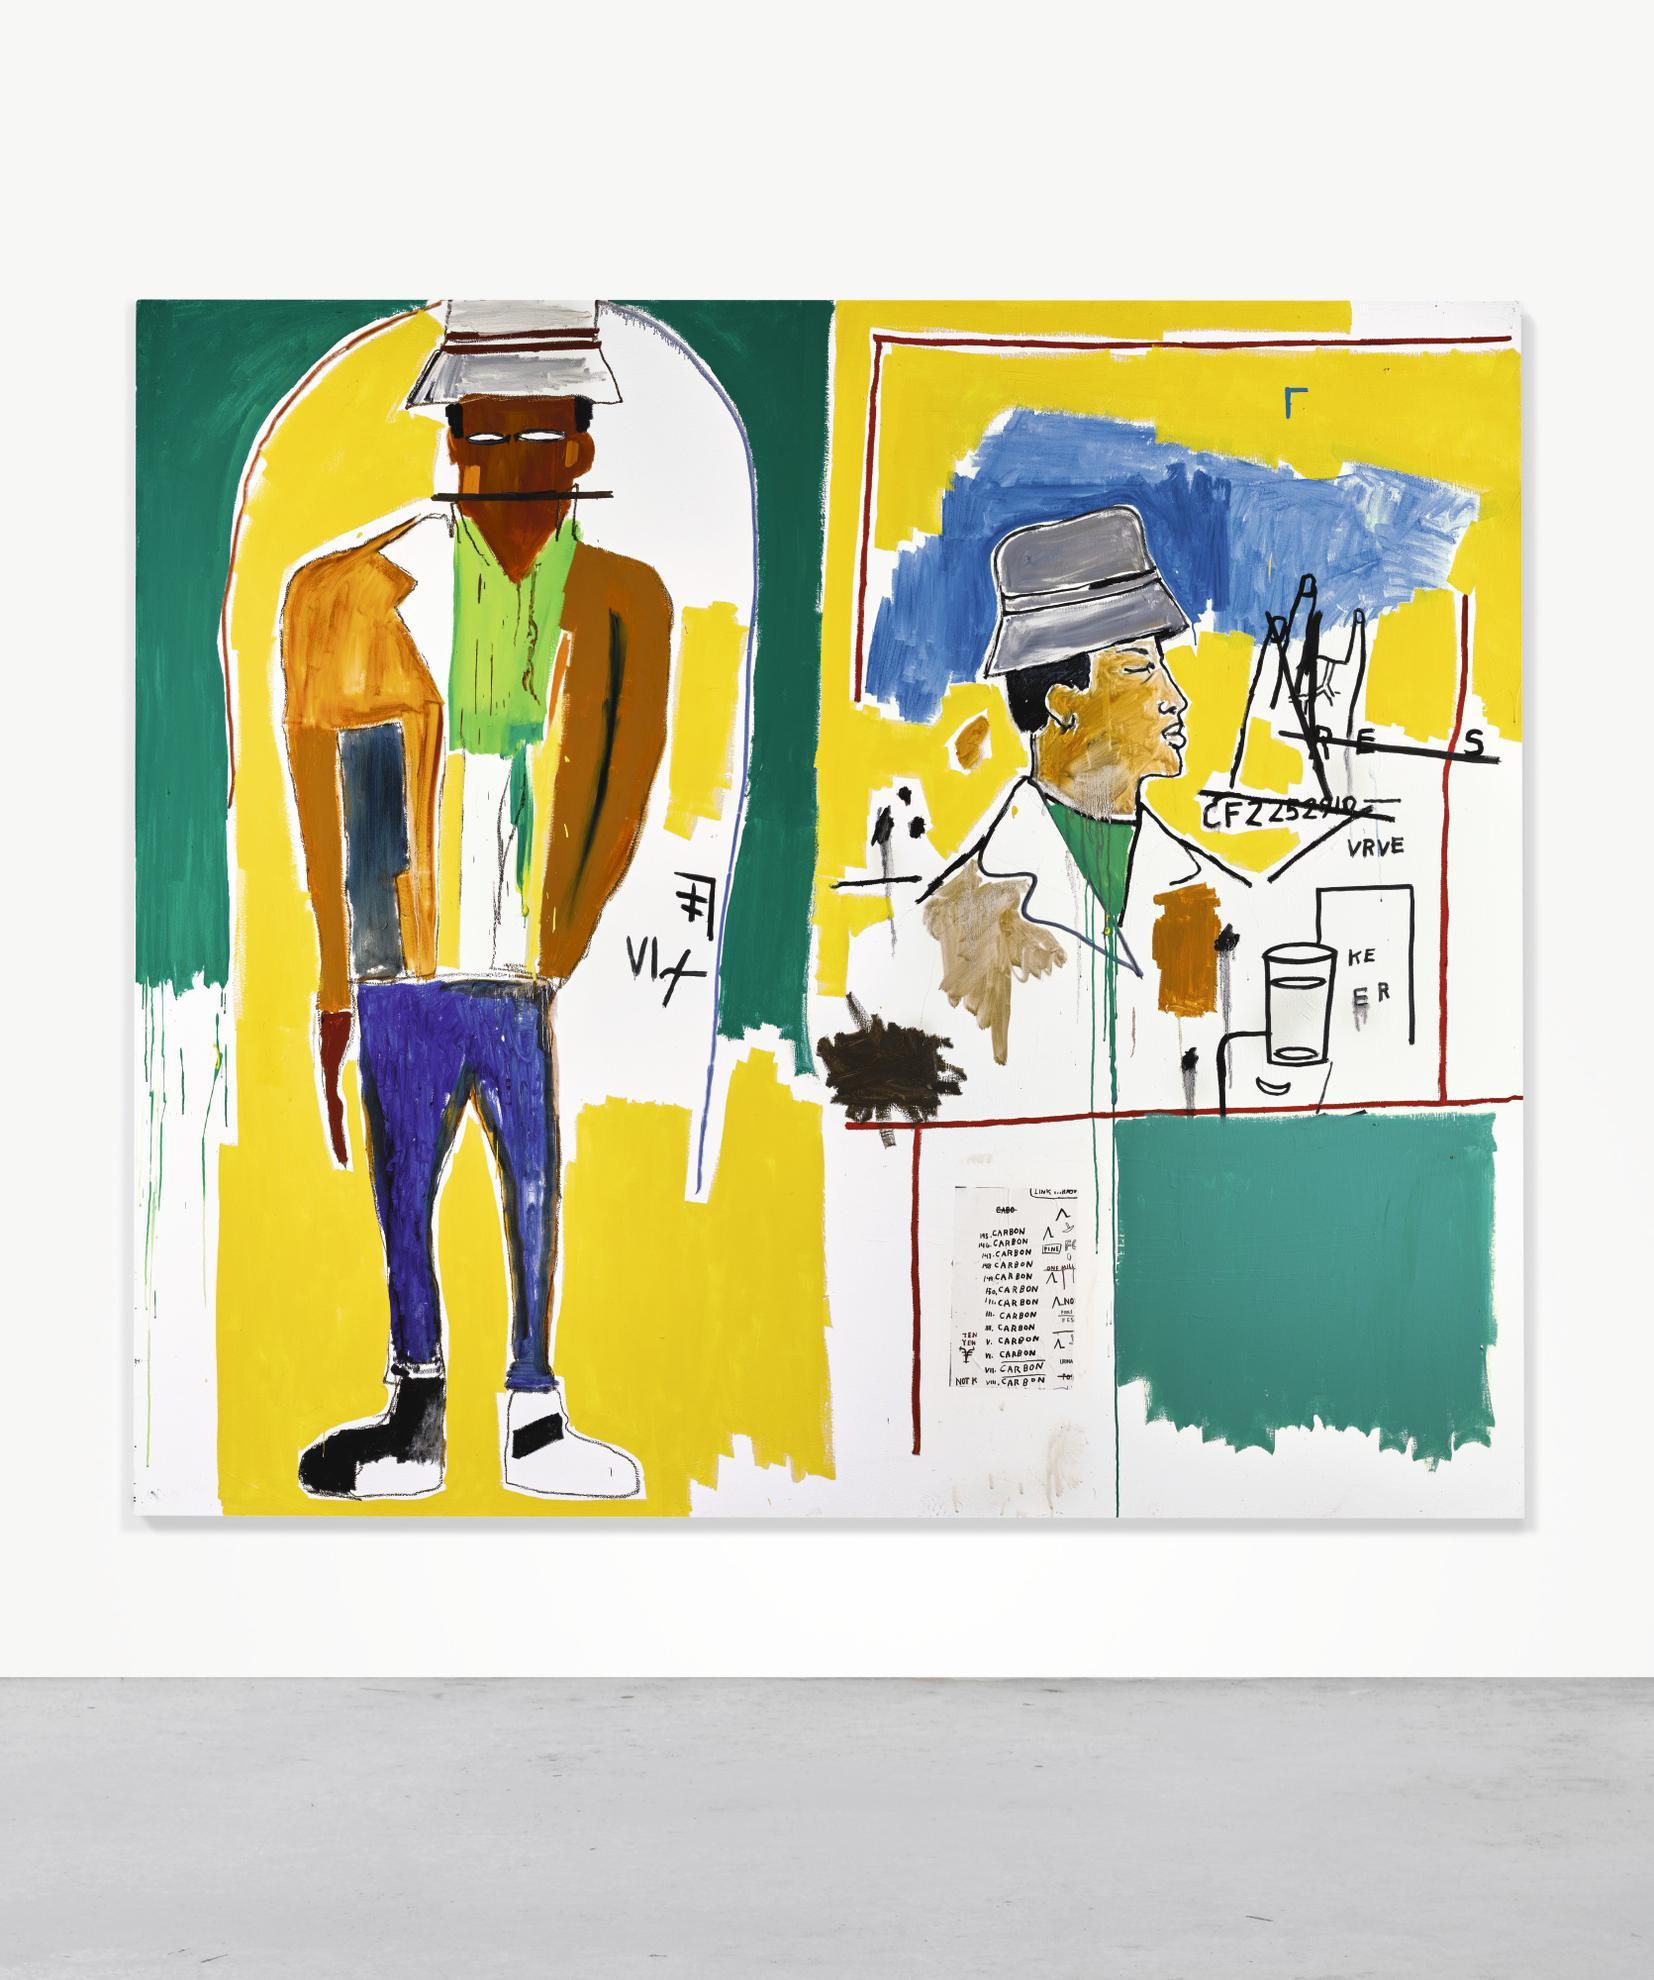 Jean-Michel Basquiat-Ero-1984